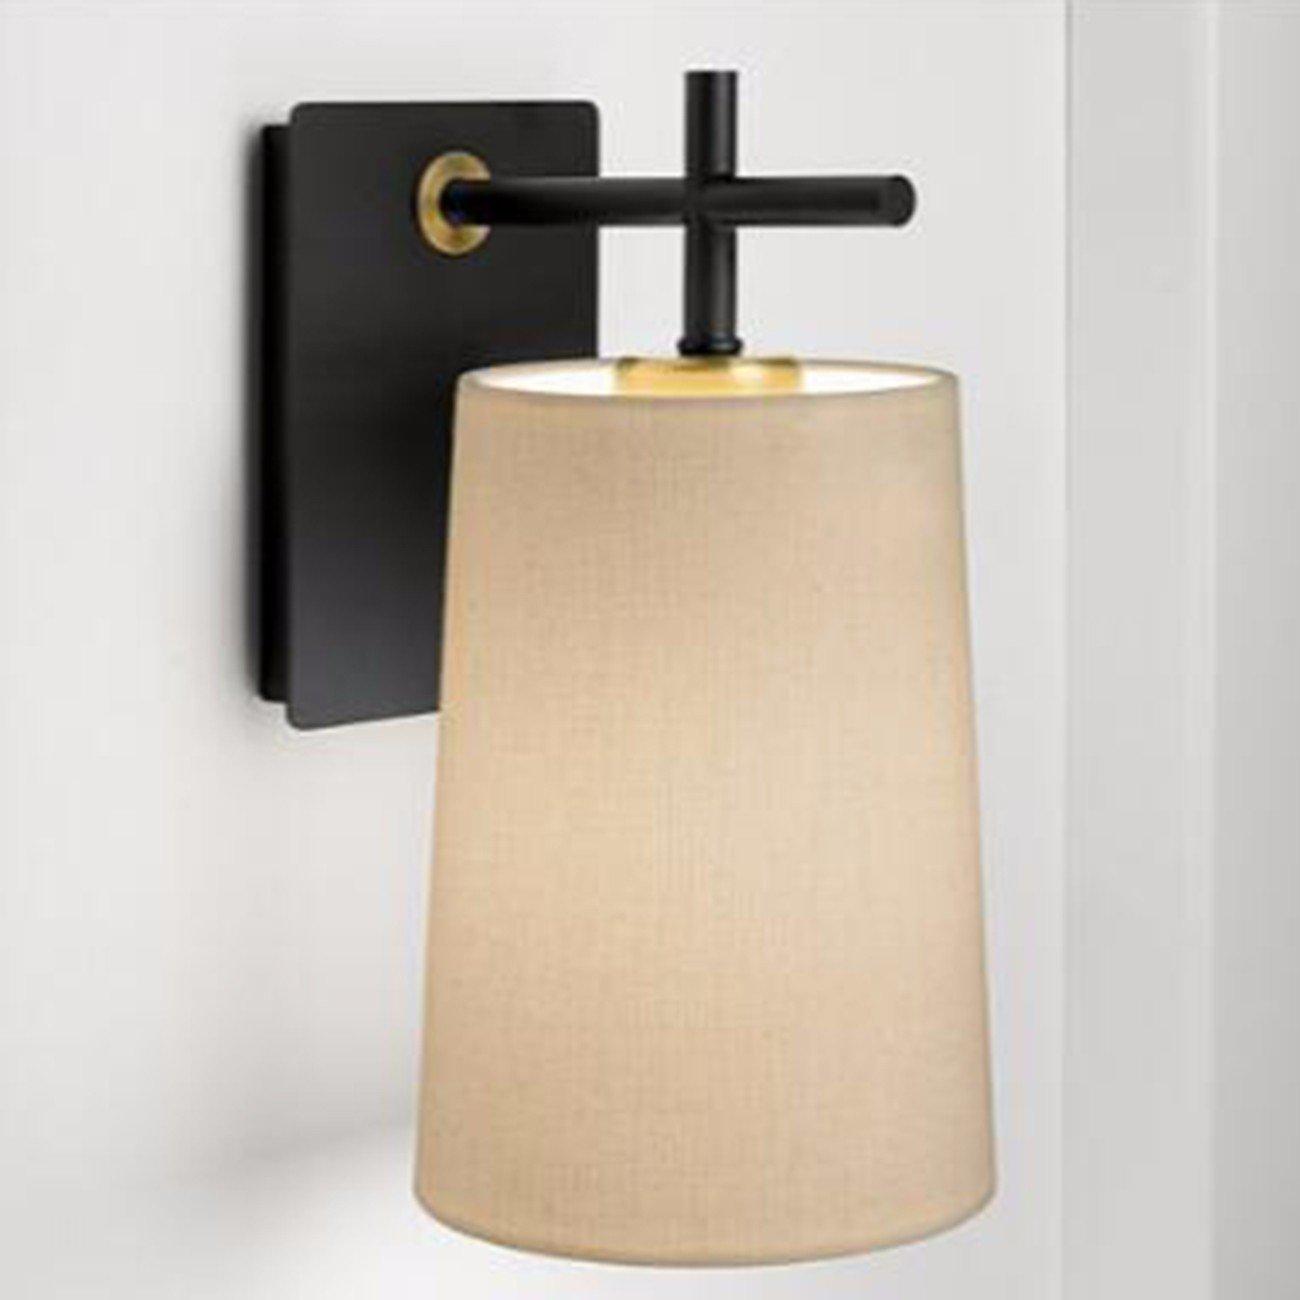 T-ZBDZ Tuch Abdeckung Wohnzimmer Schlafzimmer Nachttischlampe moderne Balkon Gang Treppe Wand Lampe Spiegel Scheinwerfer